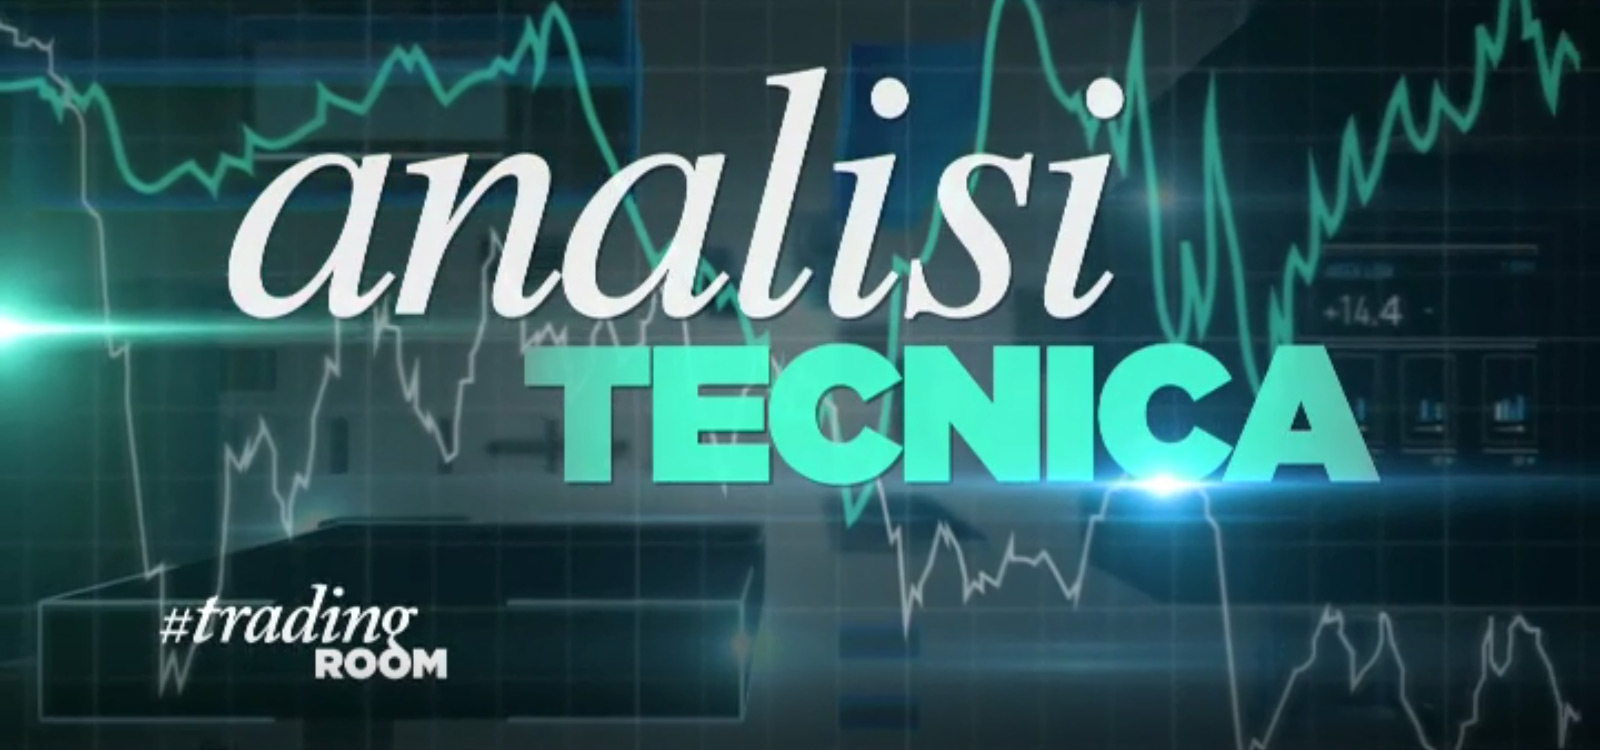 analisi tecnica finanza)